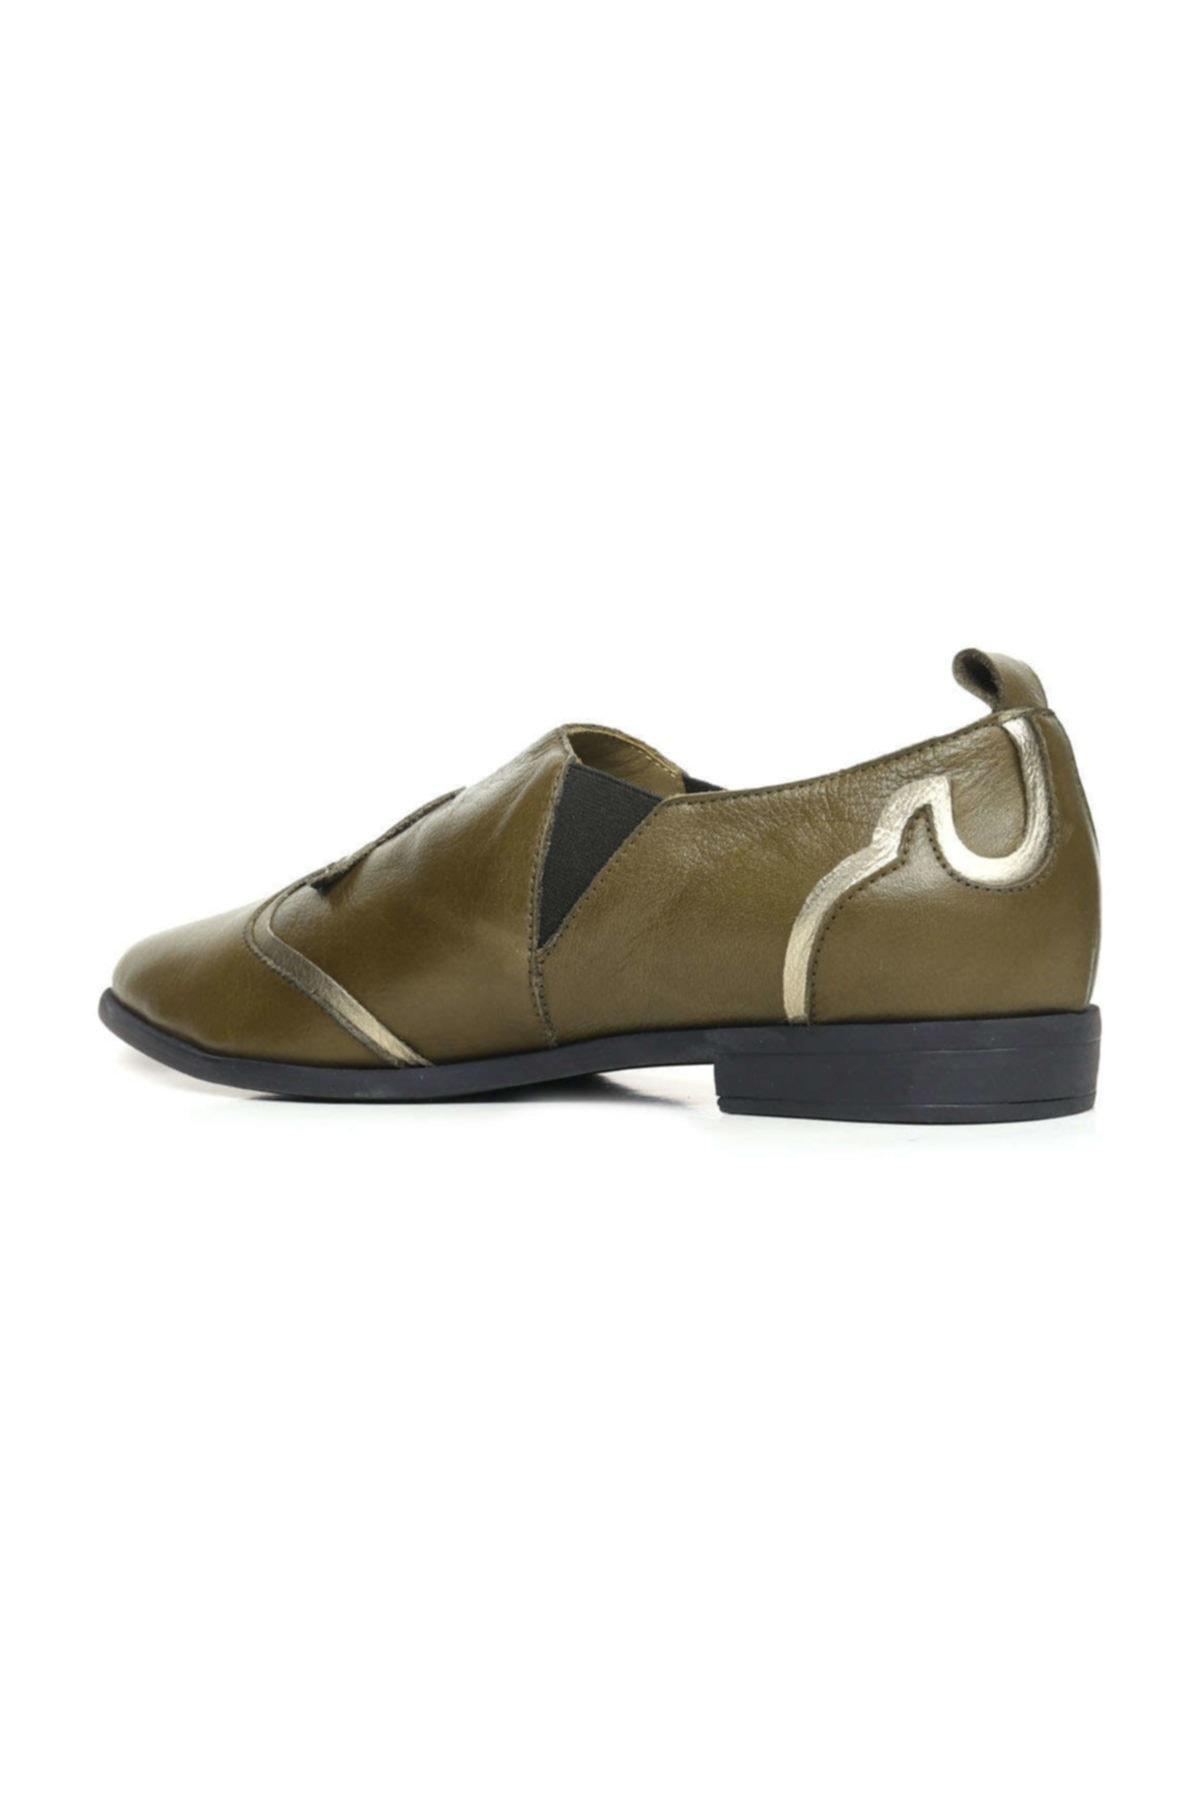 BUENO Shoes  Kadın Ayakkabı 2